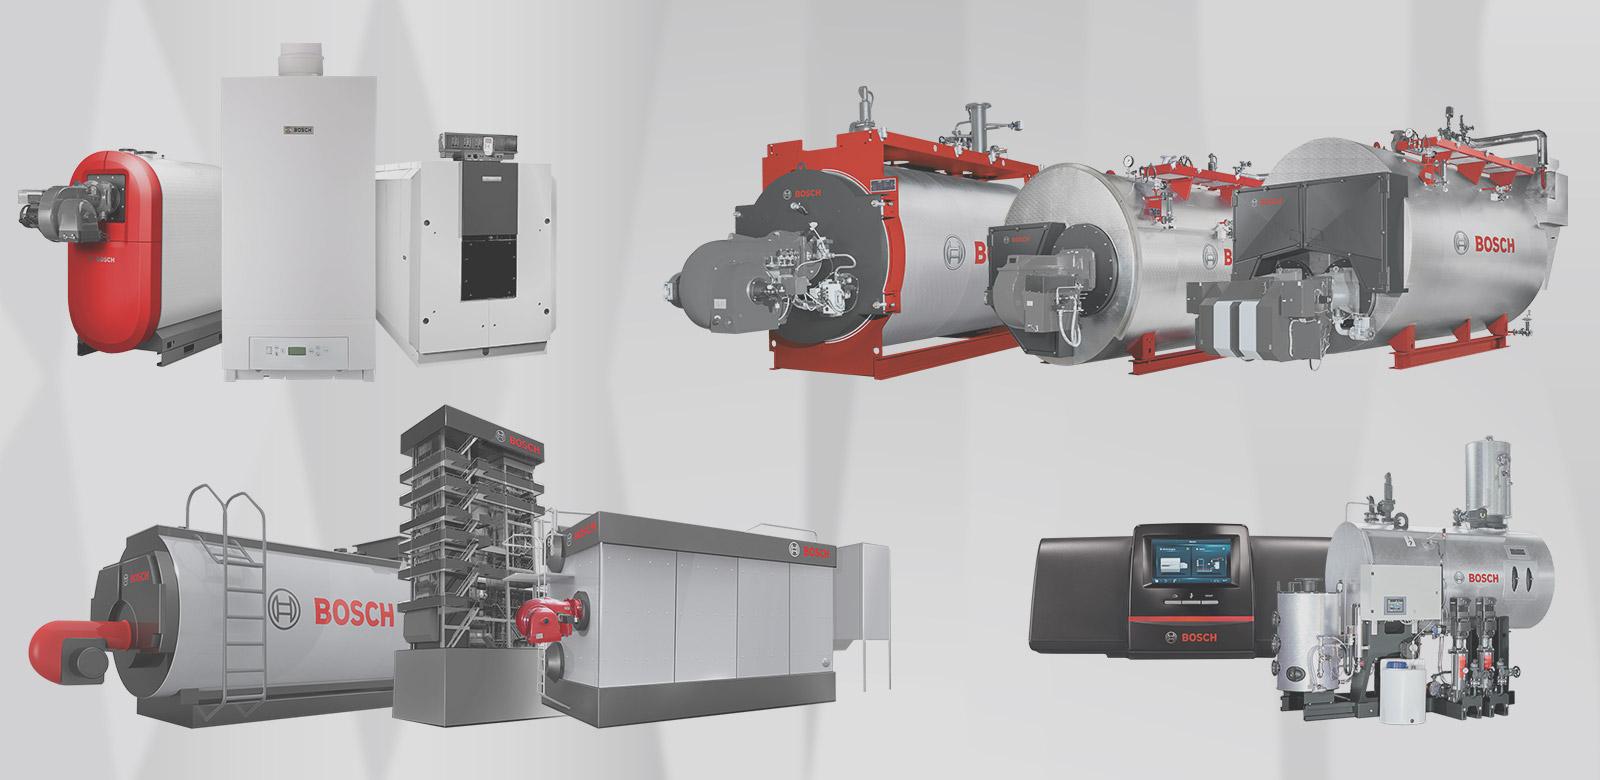 商用与工业热能系统